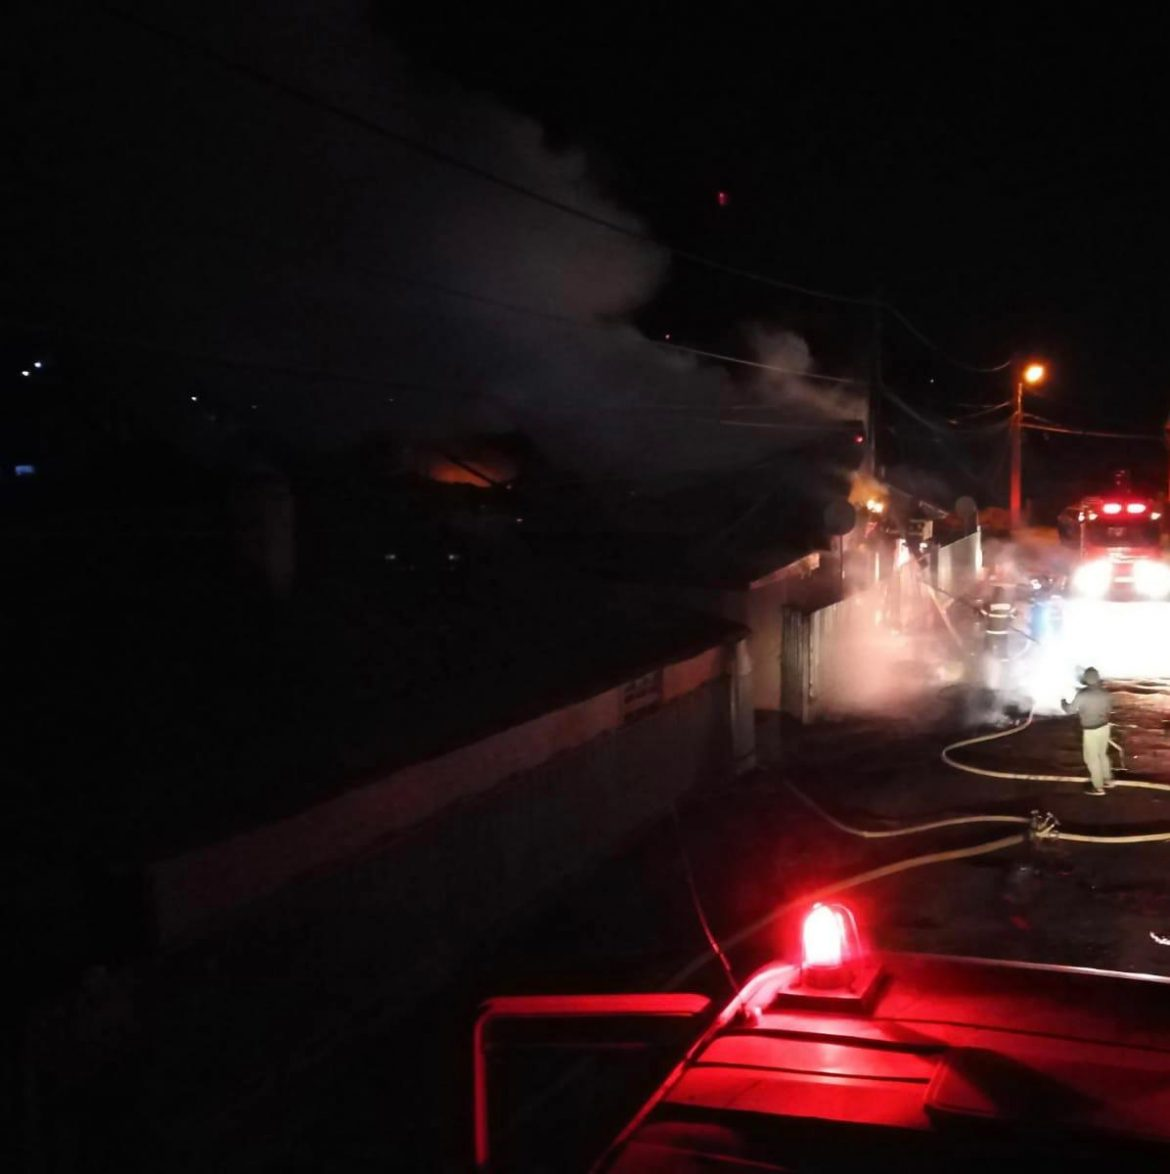 Incendiu la Măcin. Acoperișul unei case s-a făcut scrum